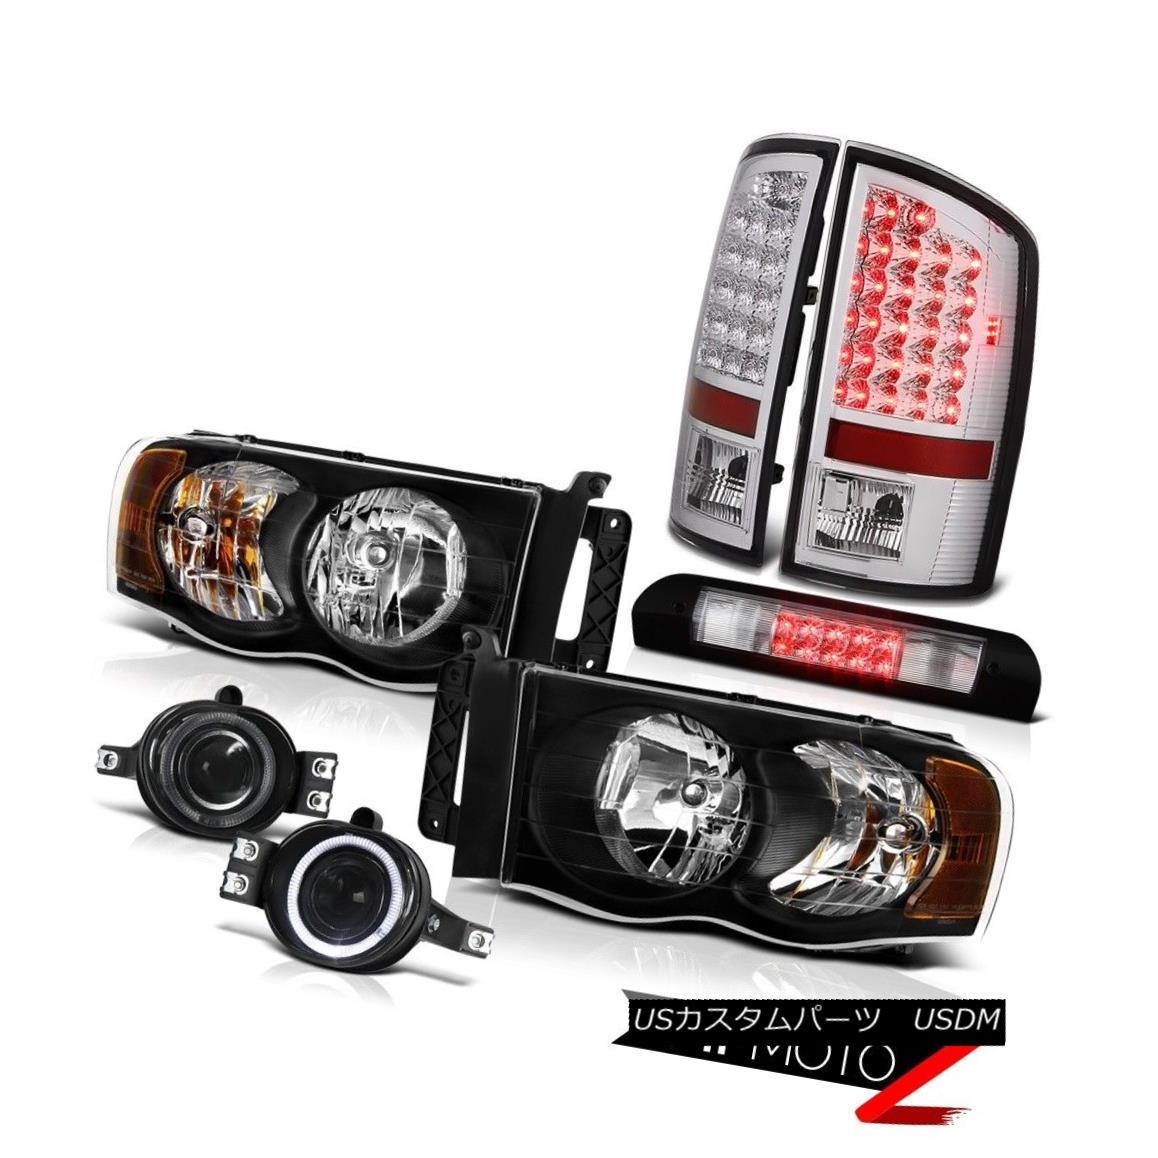 ヘッドライト Black Headlights Clear LED Tail Lights Bumper Fog High Stop 02-05 Ram PowerTech ブラックヘッドライトクリアLEDテールライトバンパーフォグハイストップ02-05 Ram PowerTech